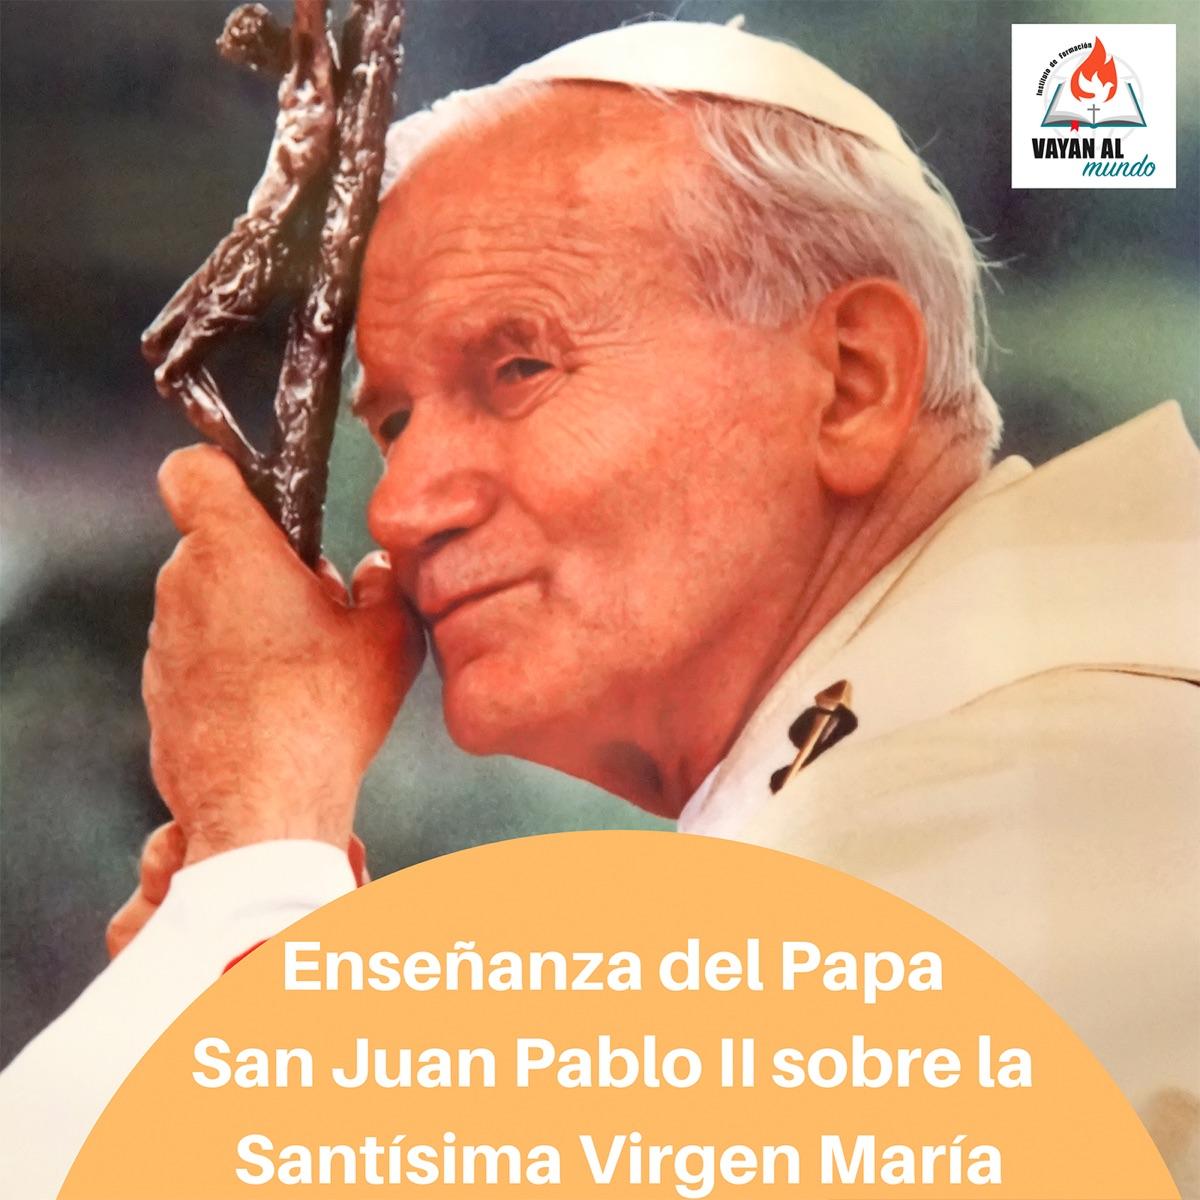 Enseñanza de San Juan Pablo II sobre la Santísima Virgen María